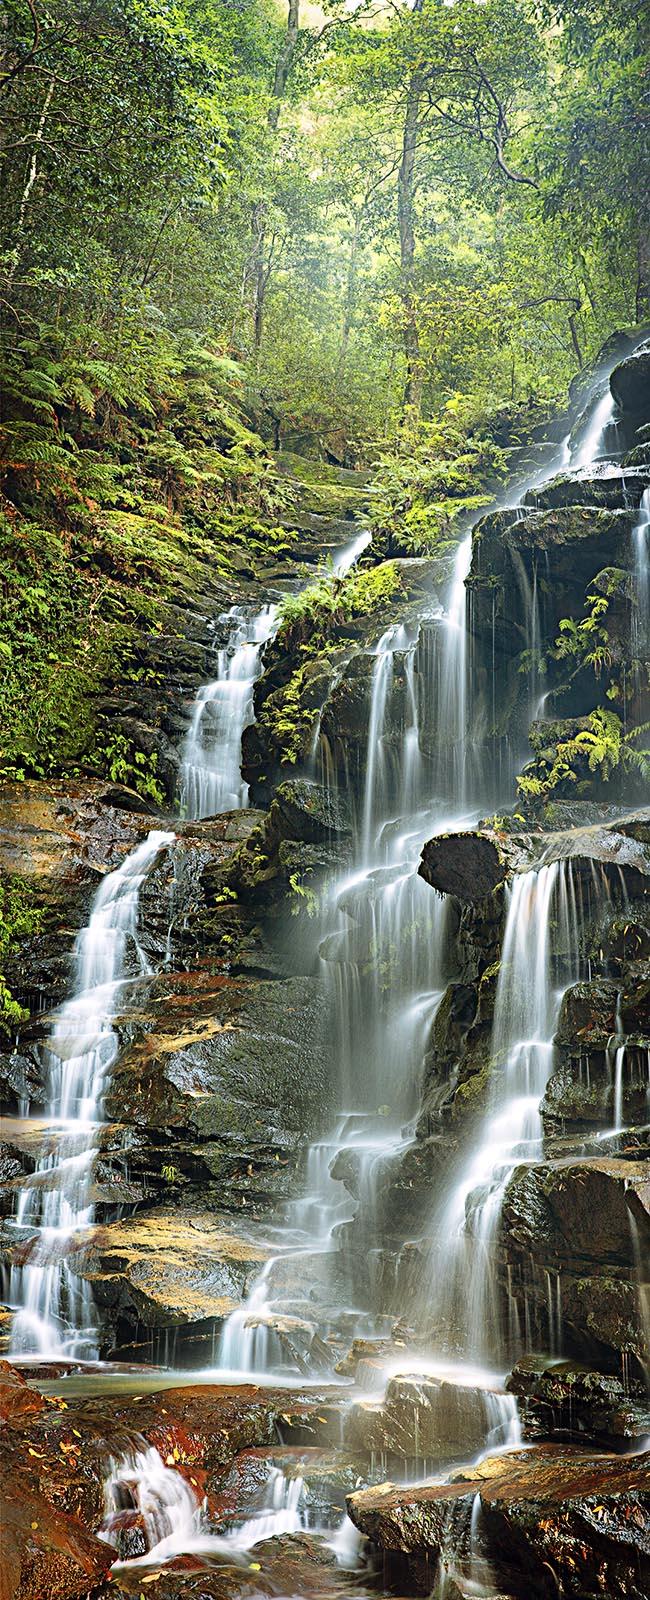 Lake/Rivers/Waterfalls